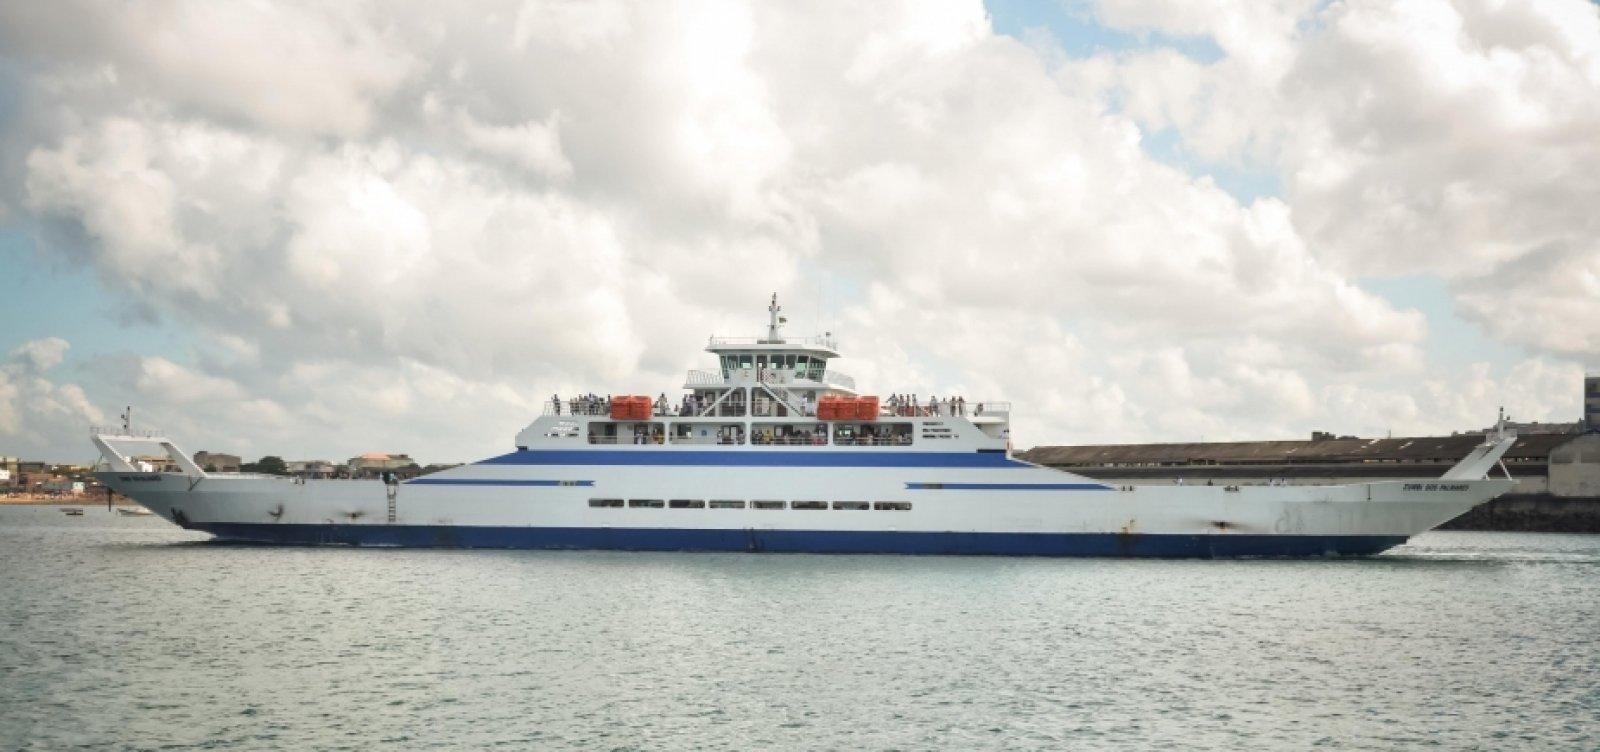 Ferry-boat funciona com horários extras e de madrugada durante feriado